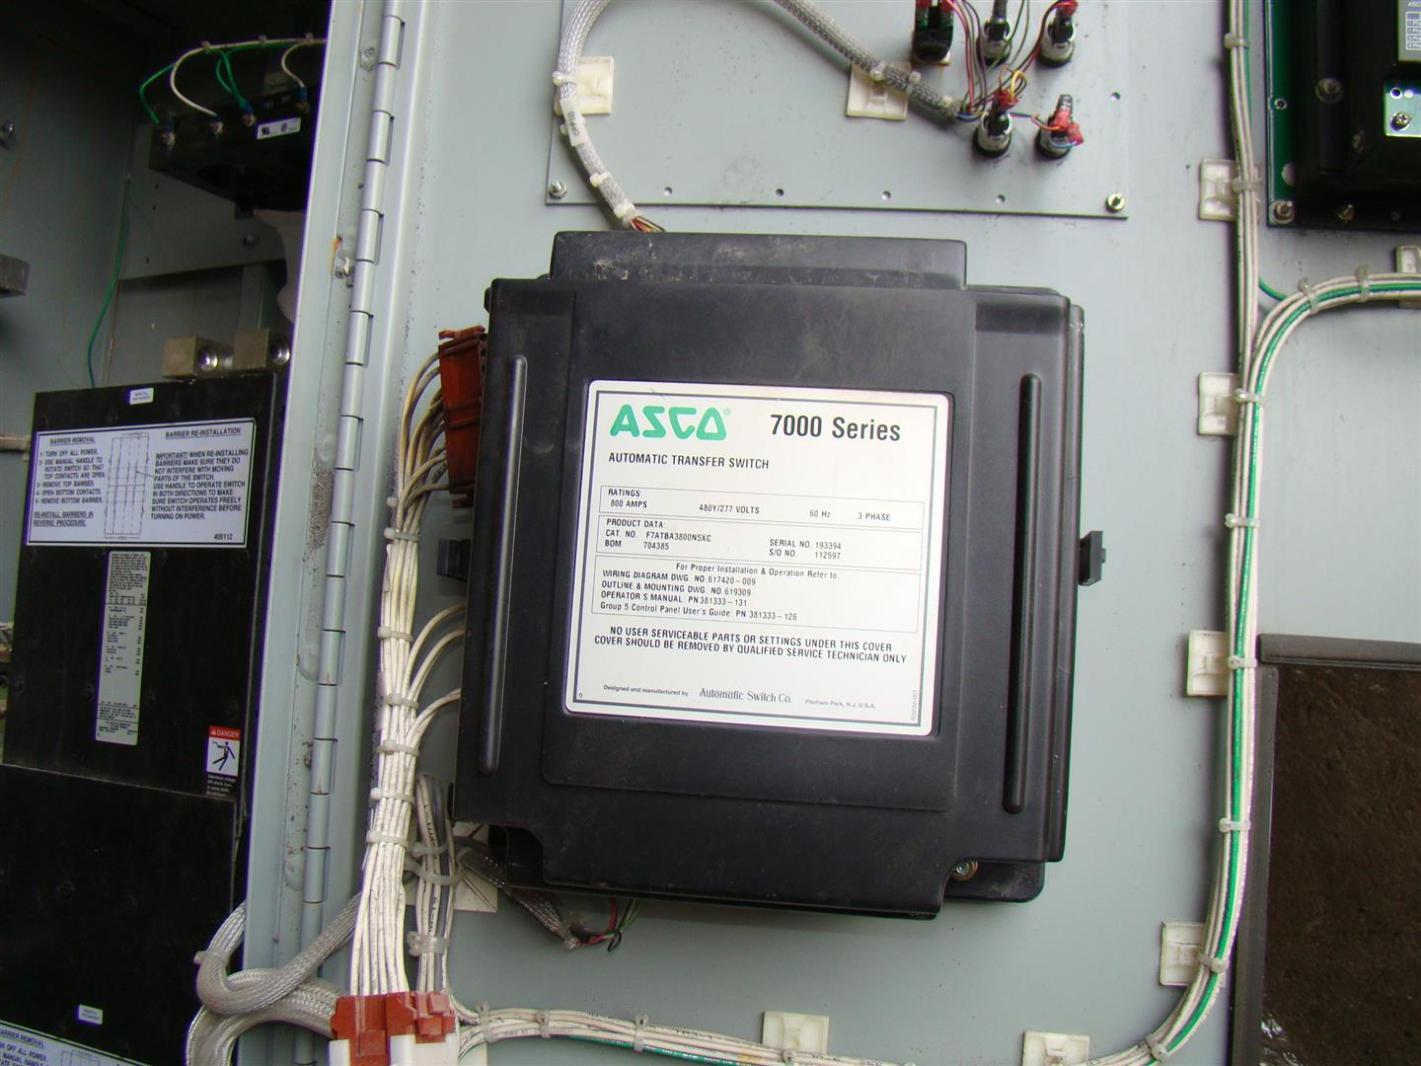 asco ats wiring diagram 100   3 phase generator changeover switch wiring diagram  changeover switch wiring diagram